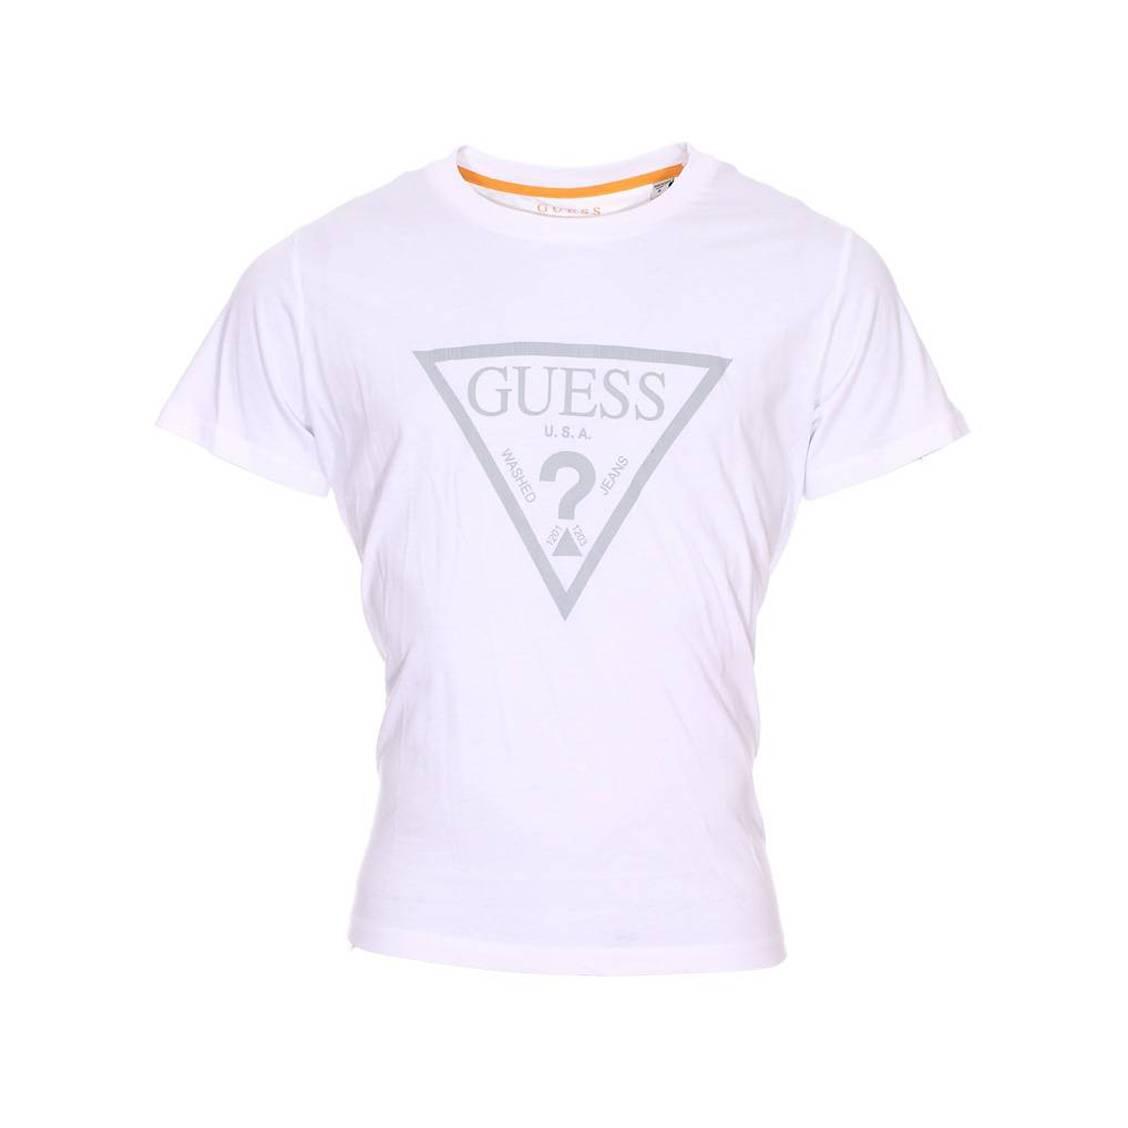 Tee-shirt col rond guess en coton blanc floqué en gris